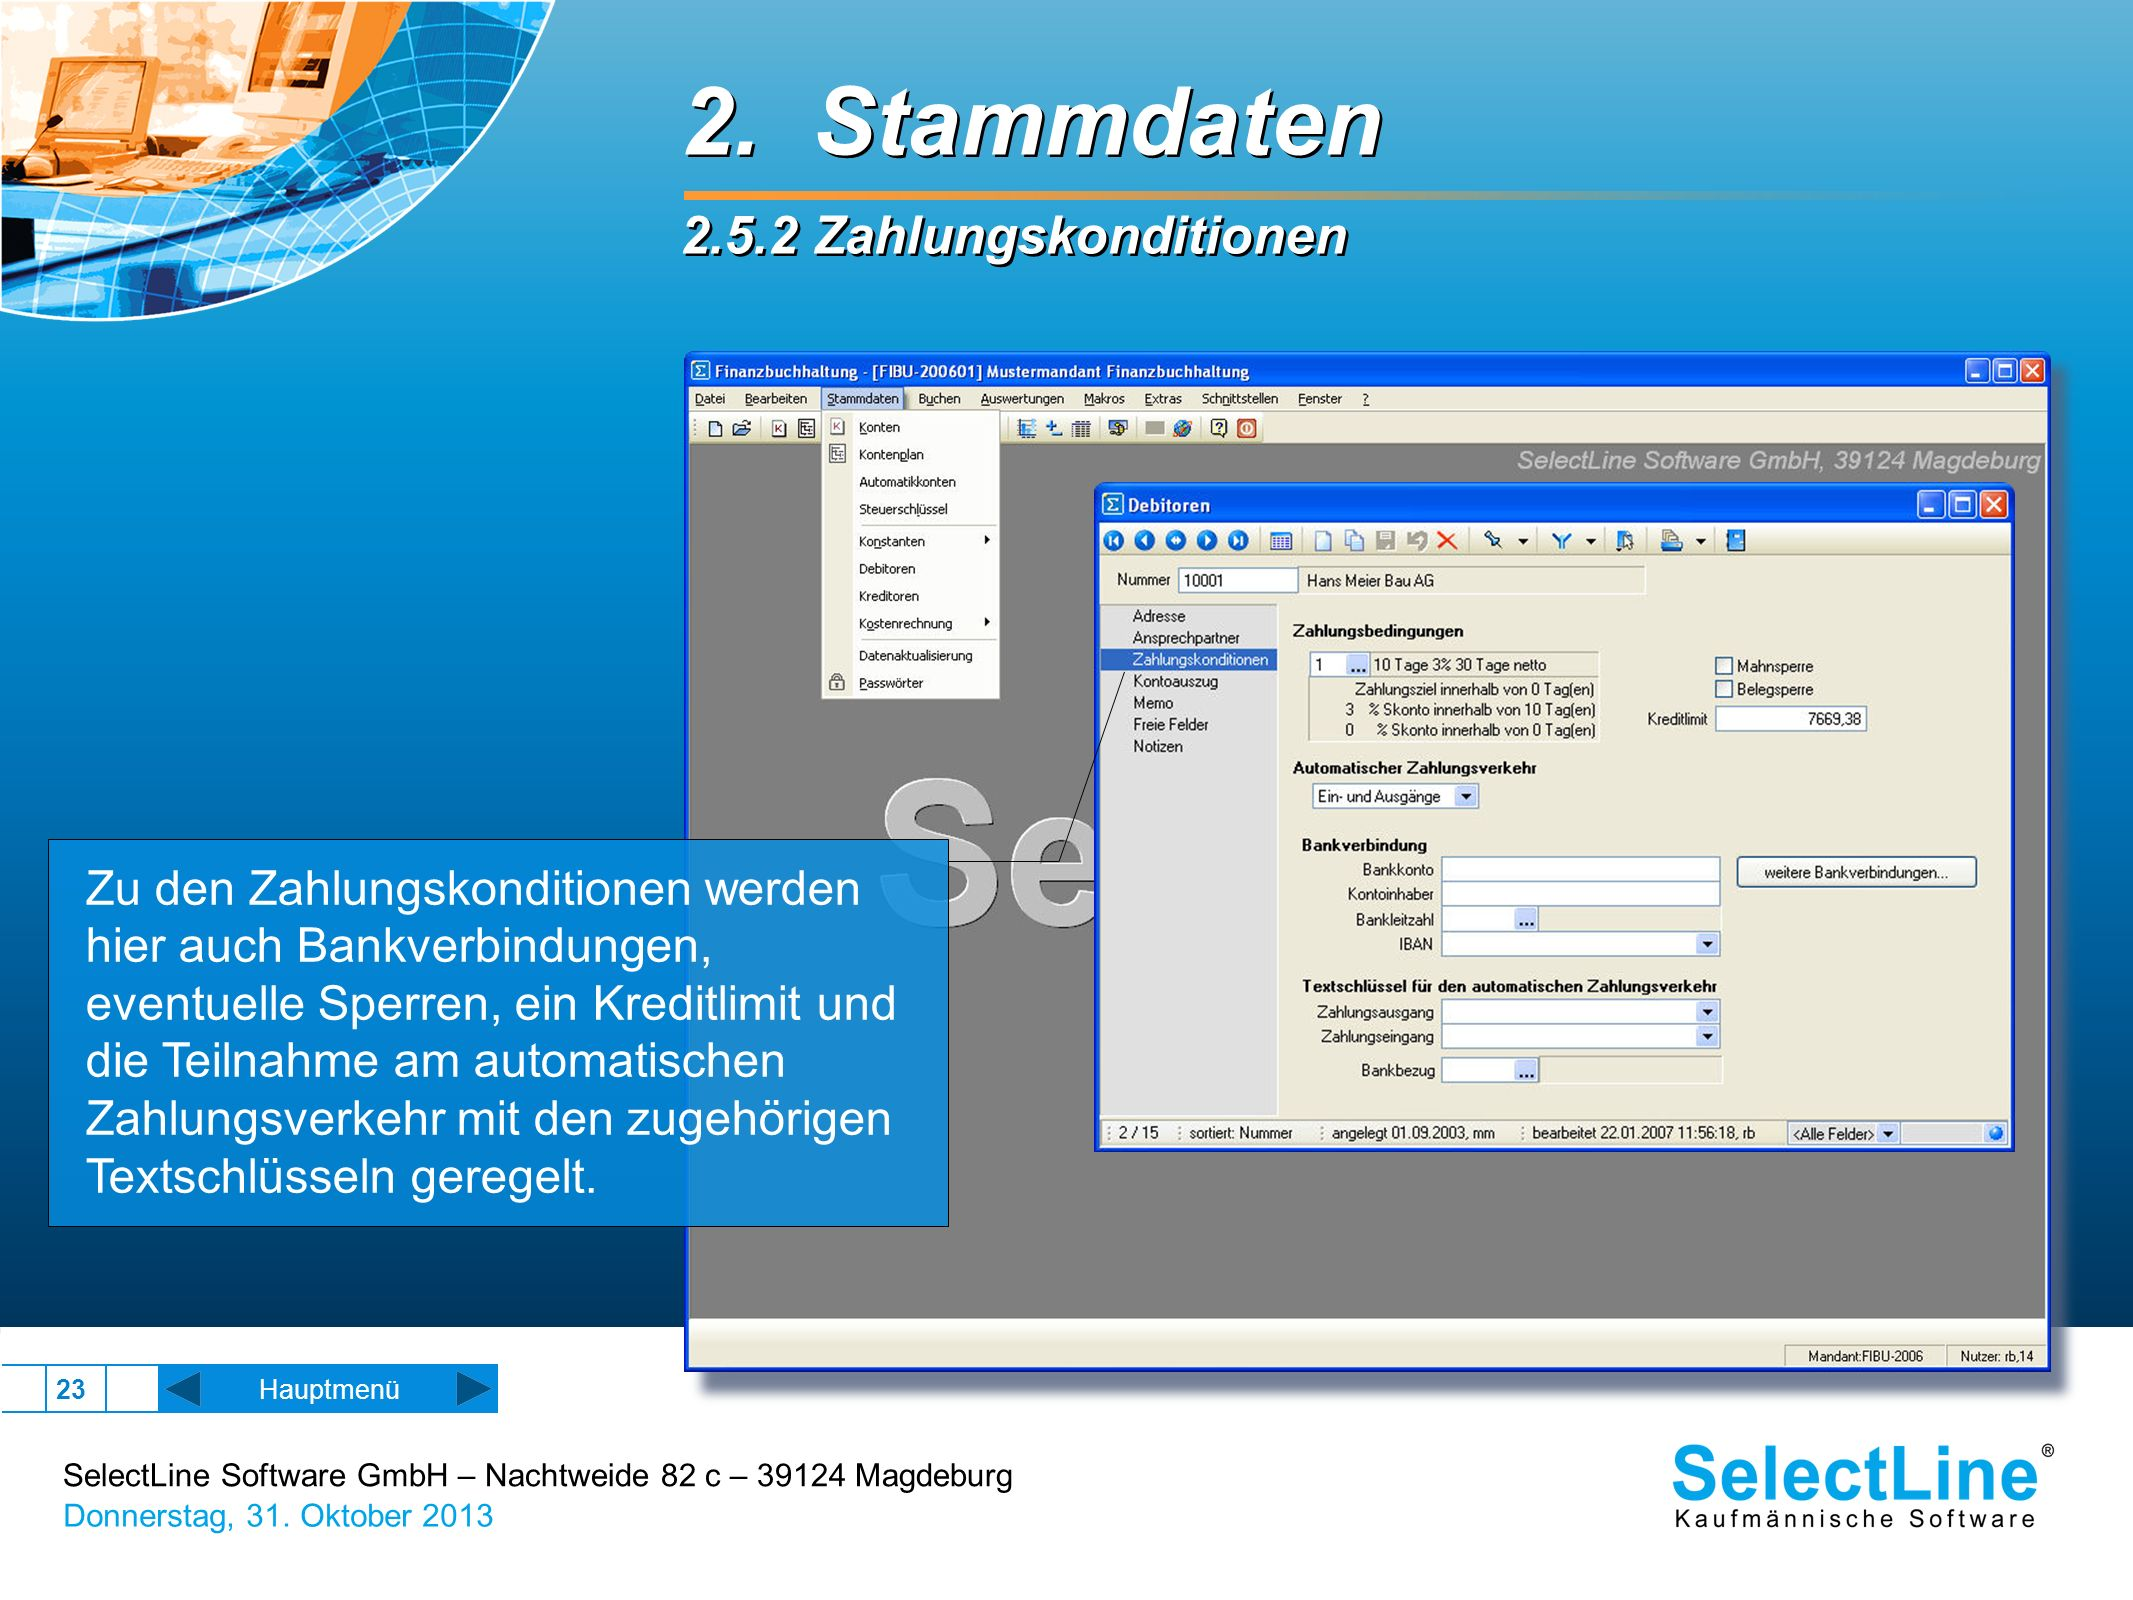 SelectLine Software GmbH – Nachtweide 82 c – 39124 Magdeburg Donnerstag, 31. Oktober 2013 23 2. Stammdaten 2.5.2 Zahlungskonditionen 2. Stammdaten 2.5